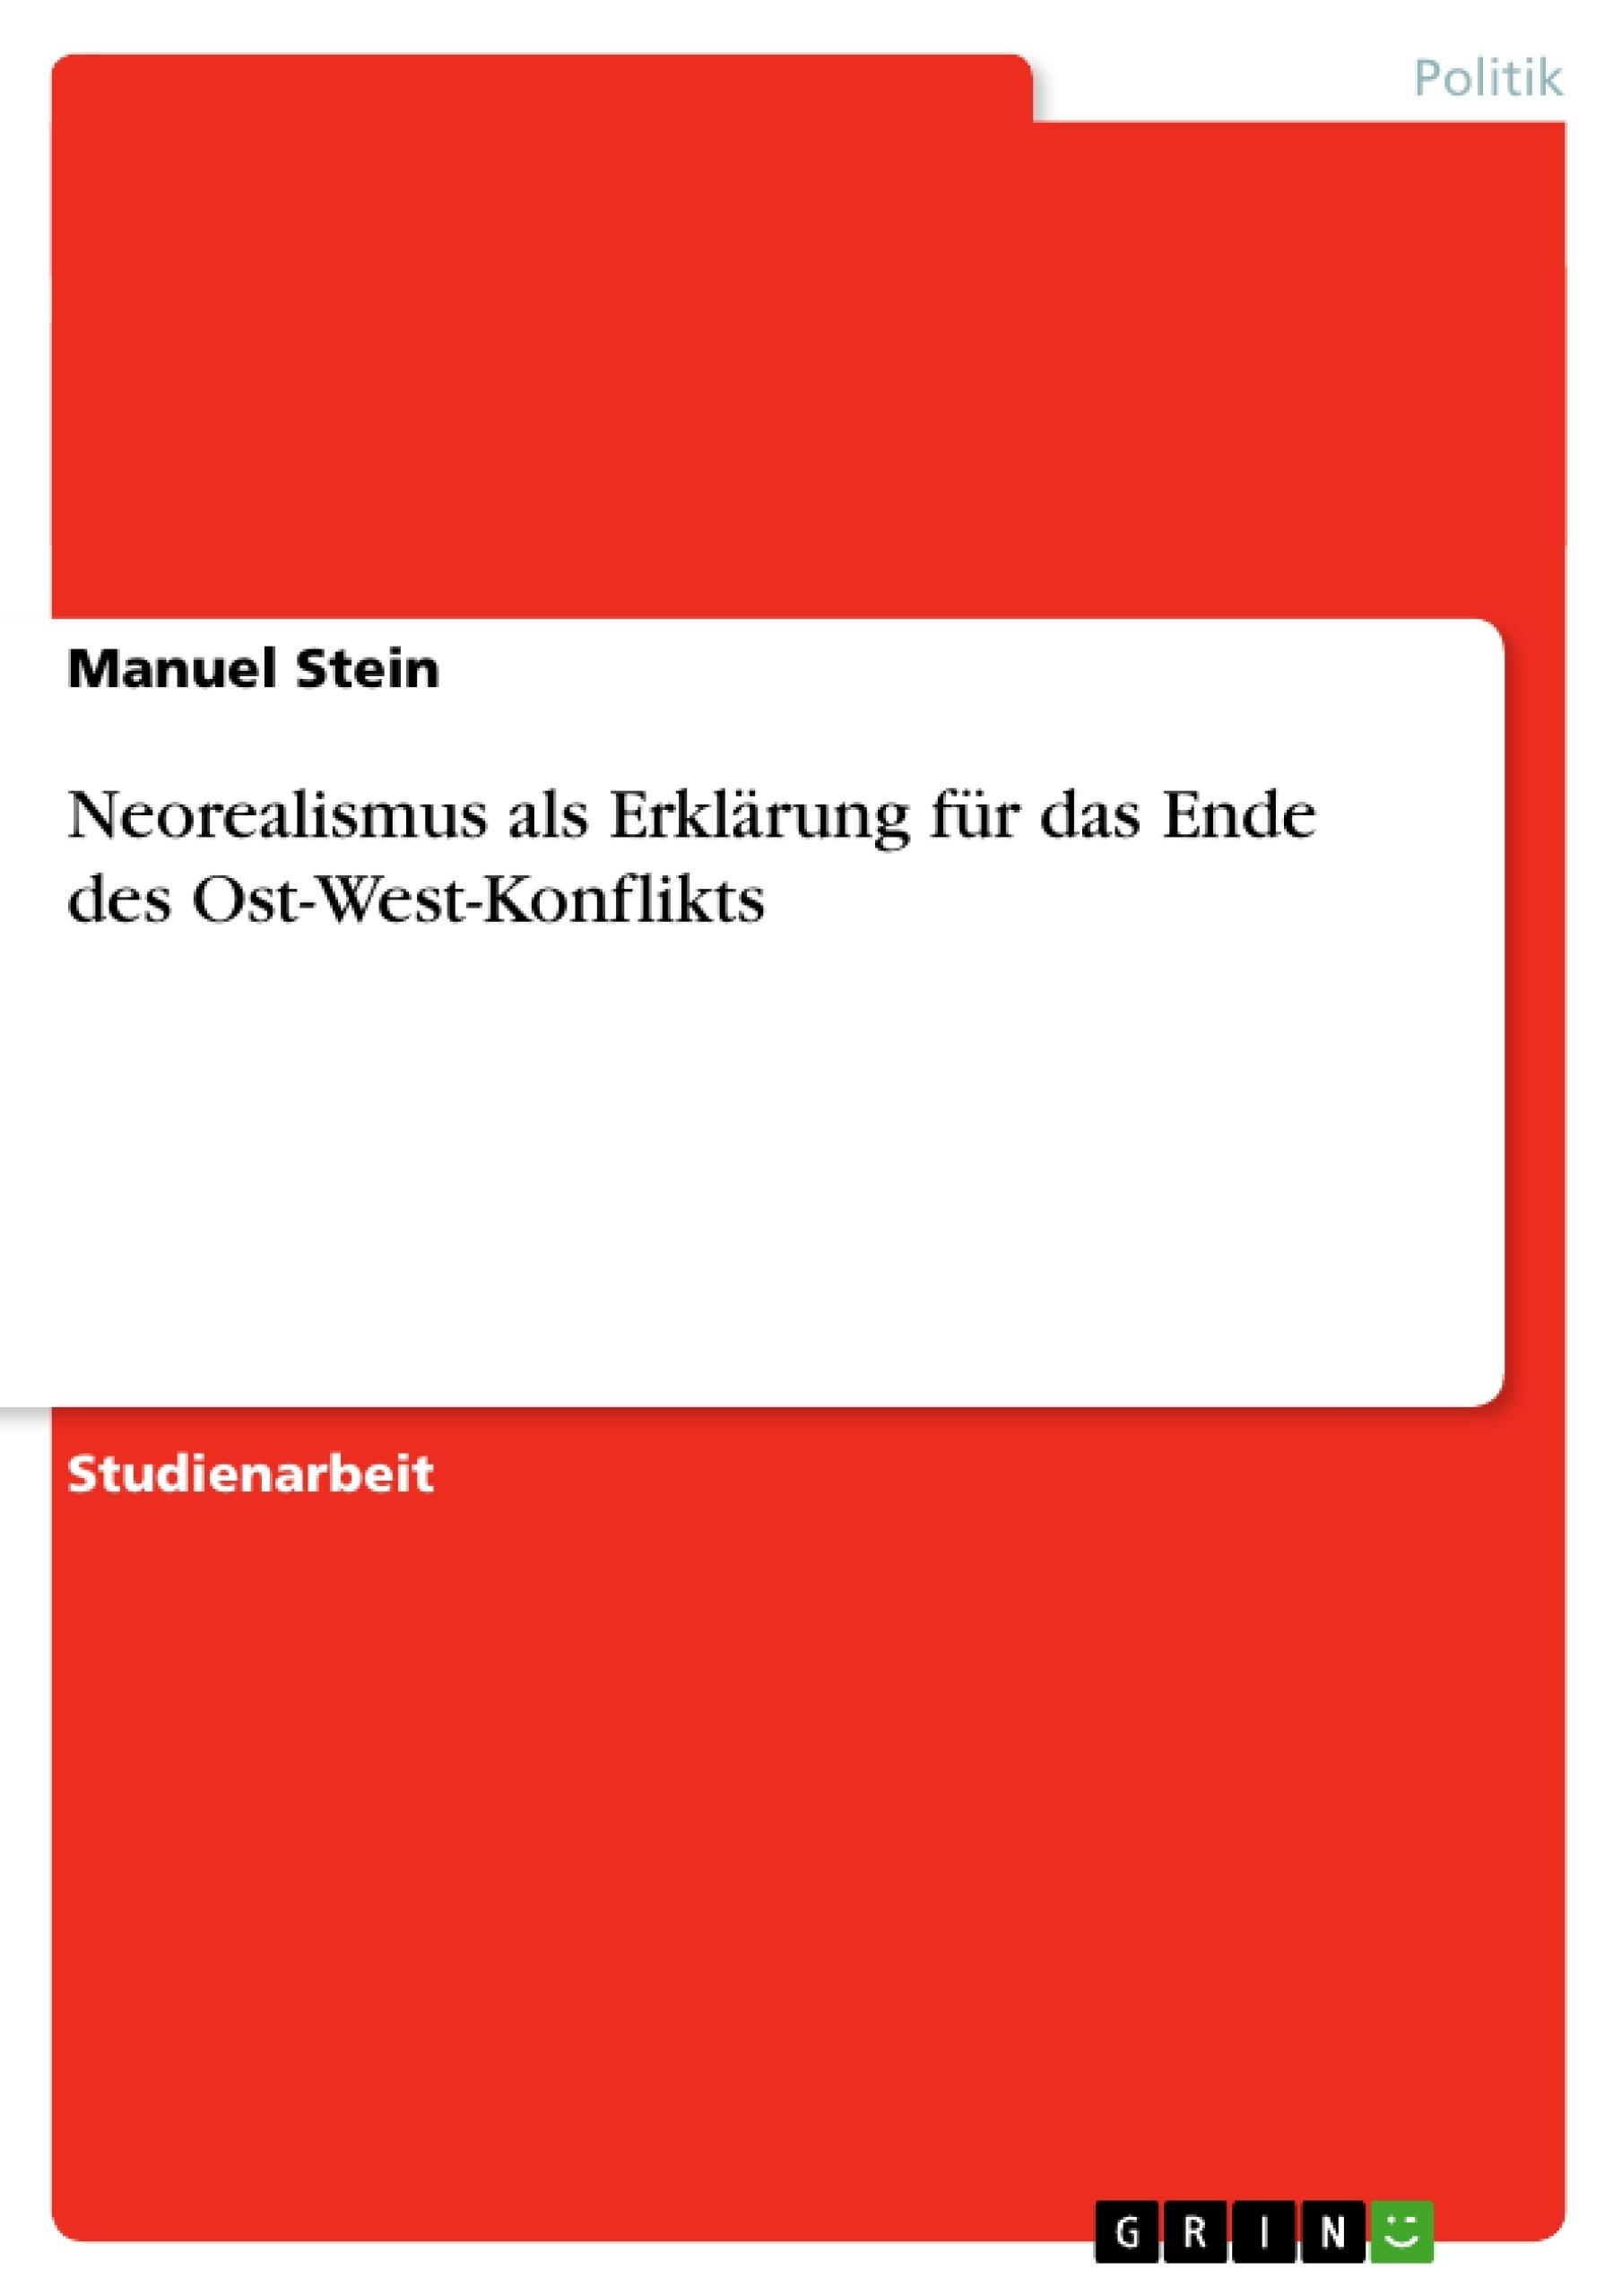 Titel: Neorealismus als Erklärung für das Ende des Ost-West-Konflikts